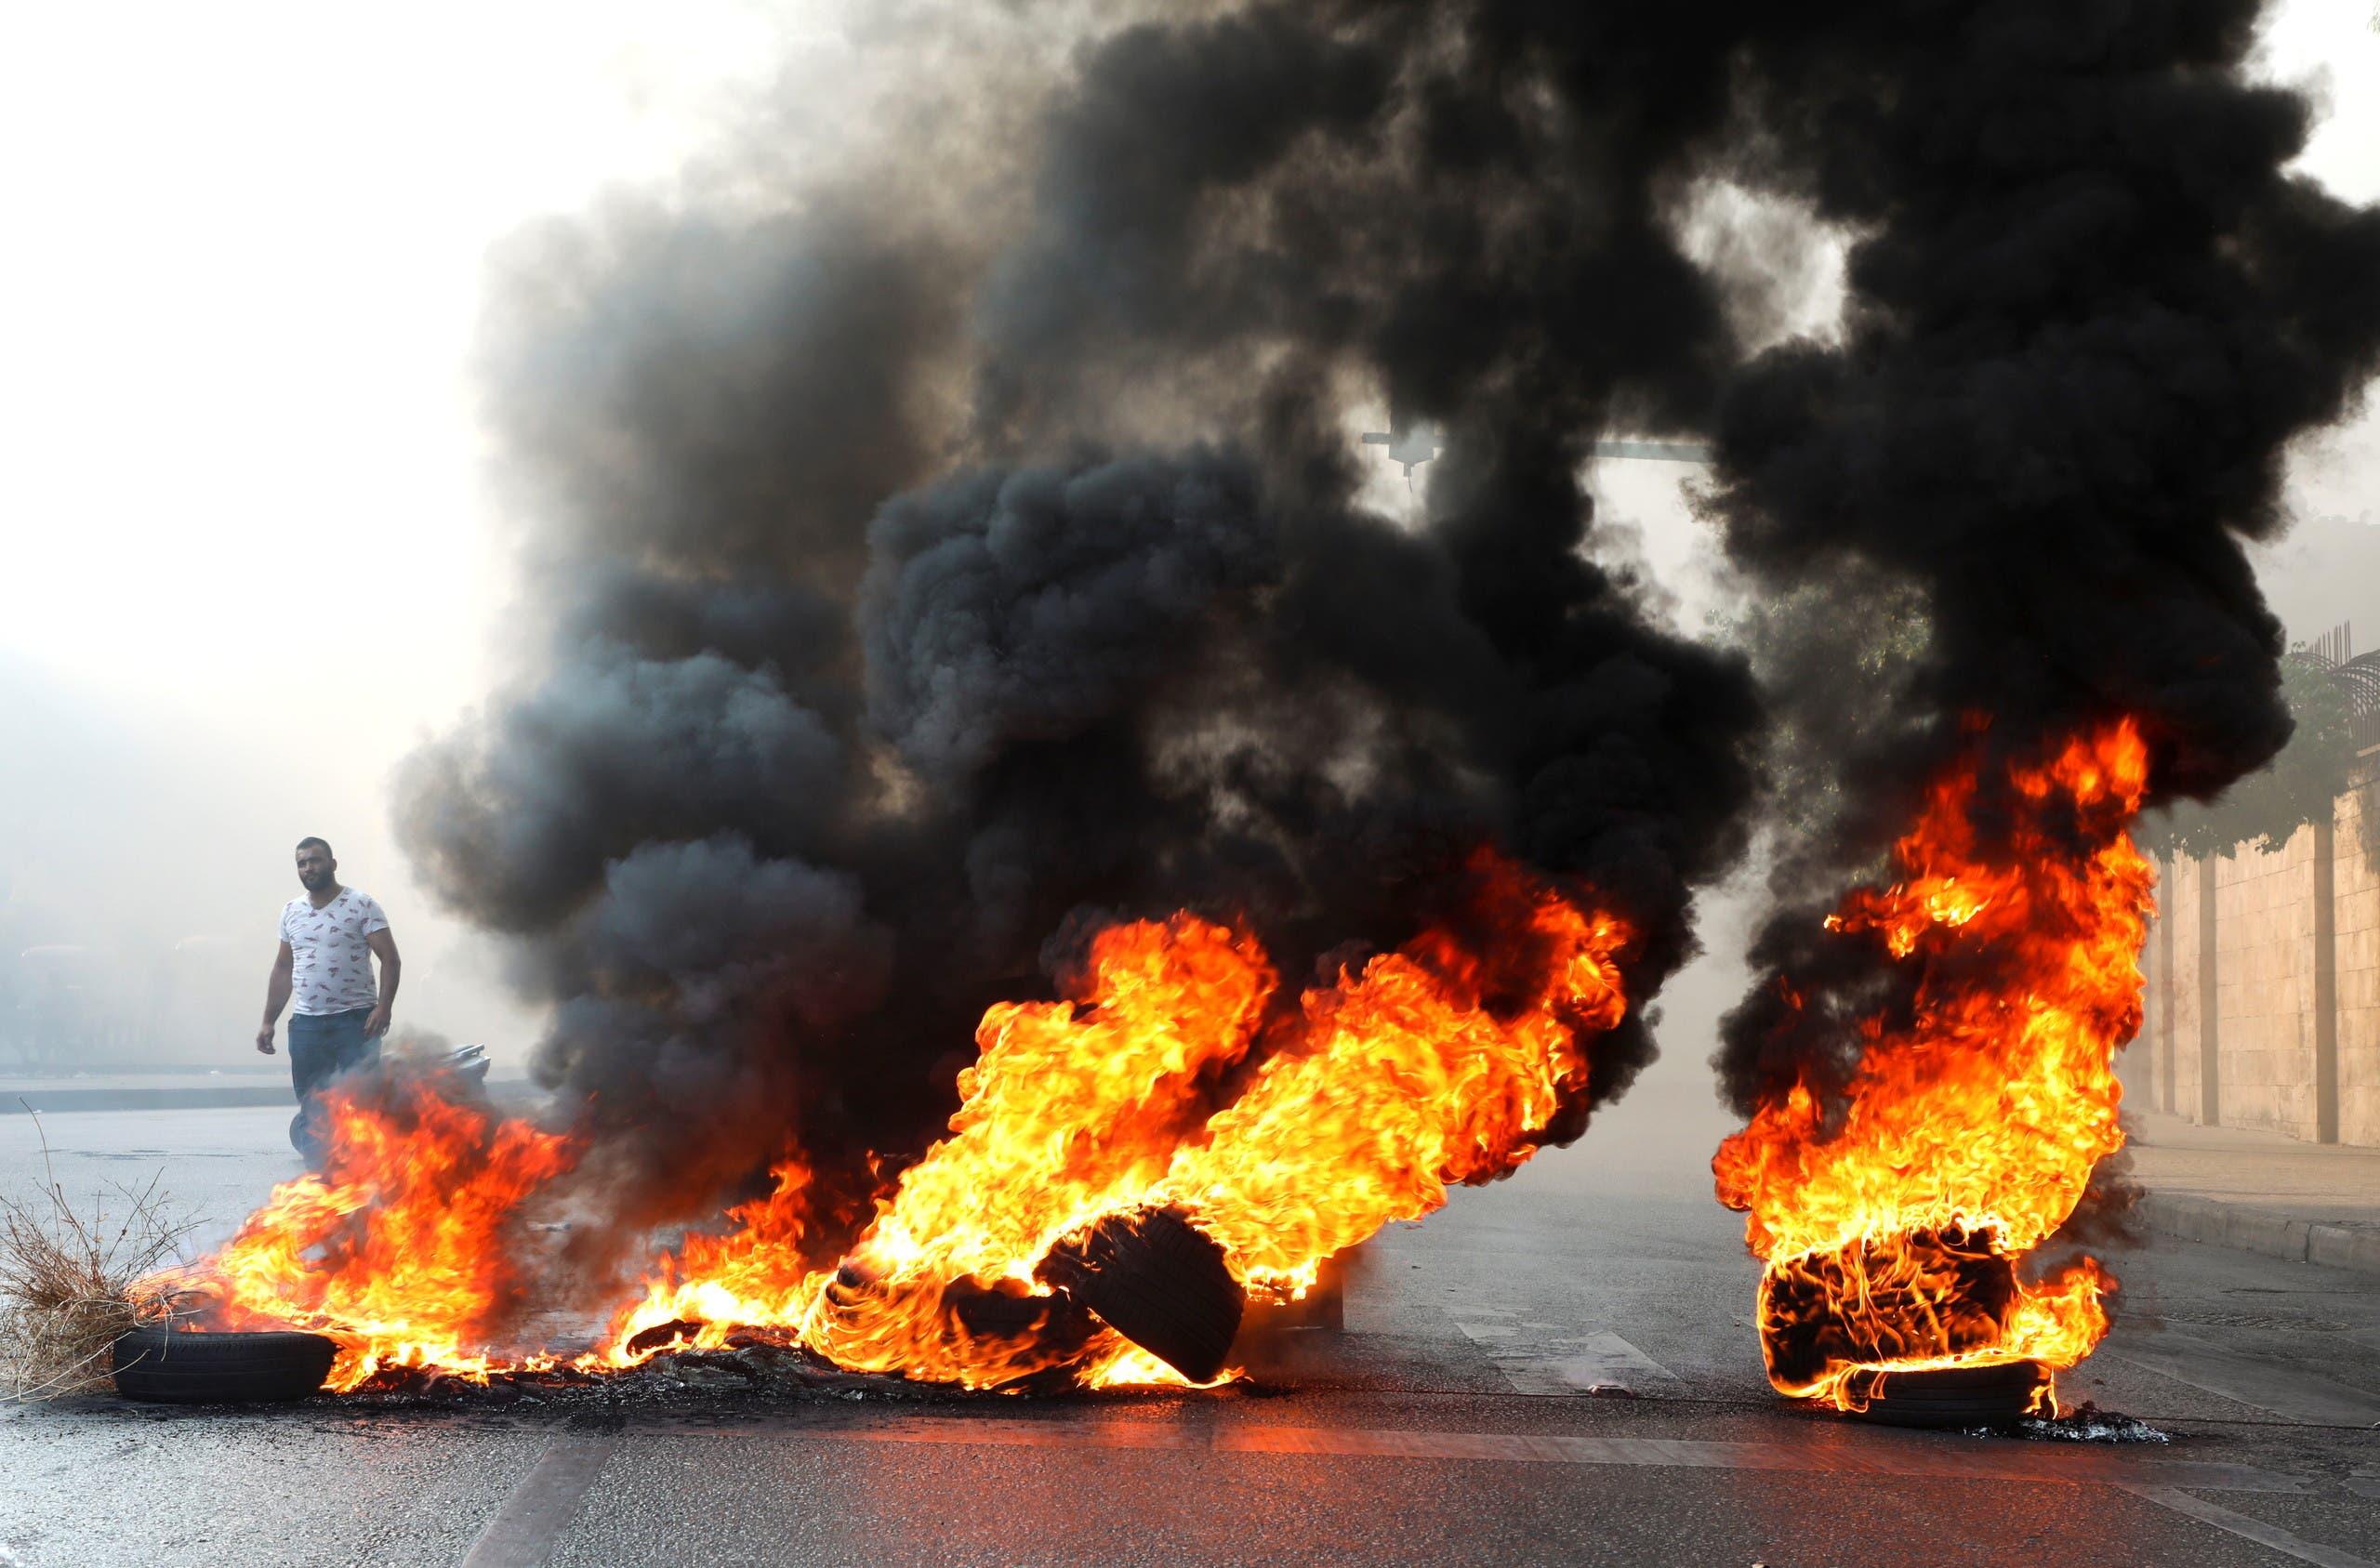 قطع طرقات في بيروت اليوم اثر فشل السياسيين بتشكيل حكومة